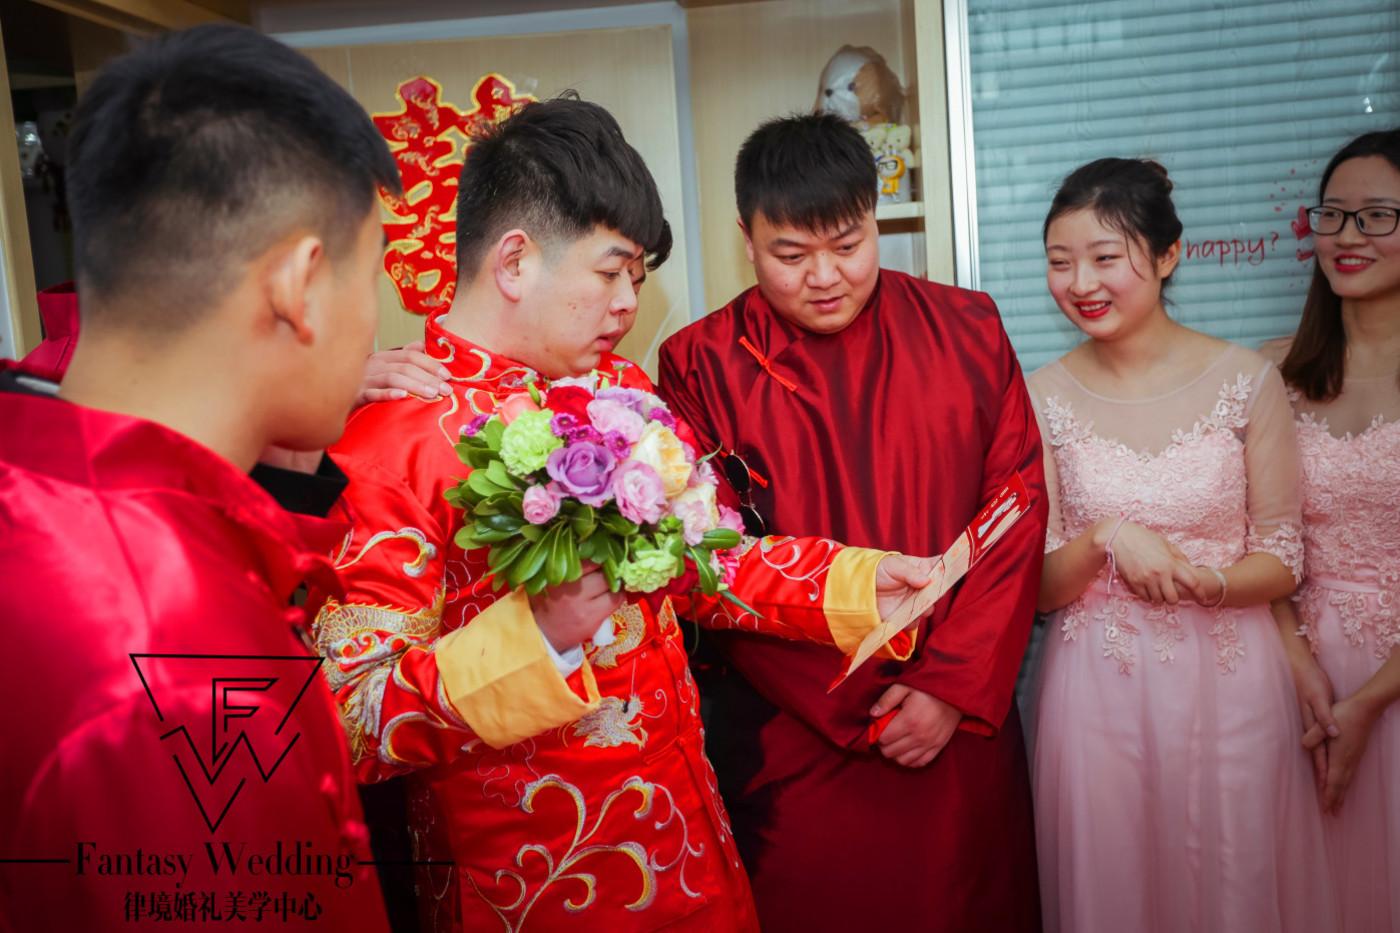 「Fantasy Wedding」&G R 白金汉爵6